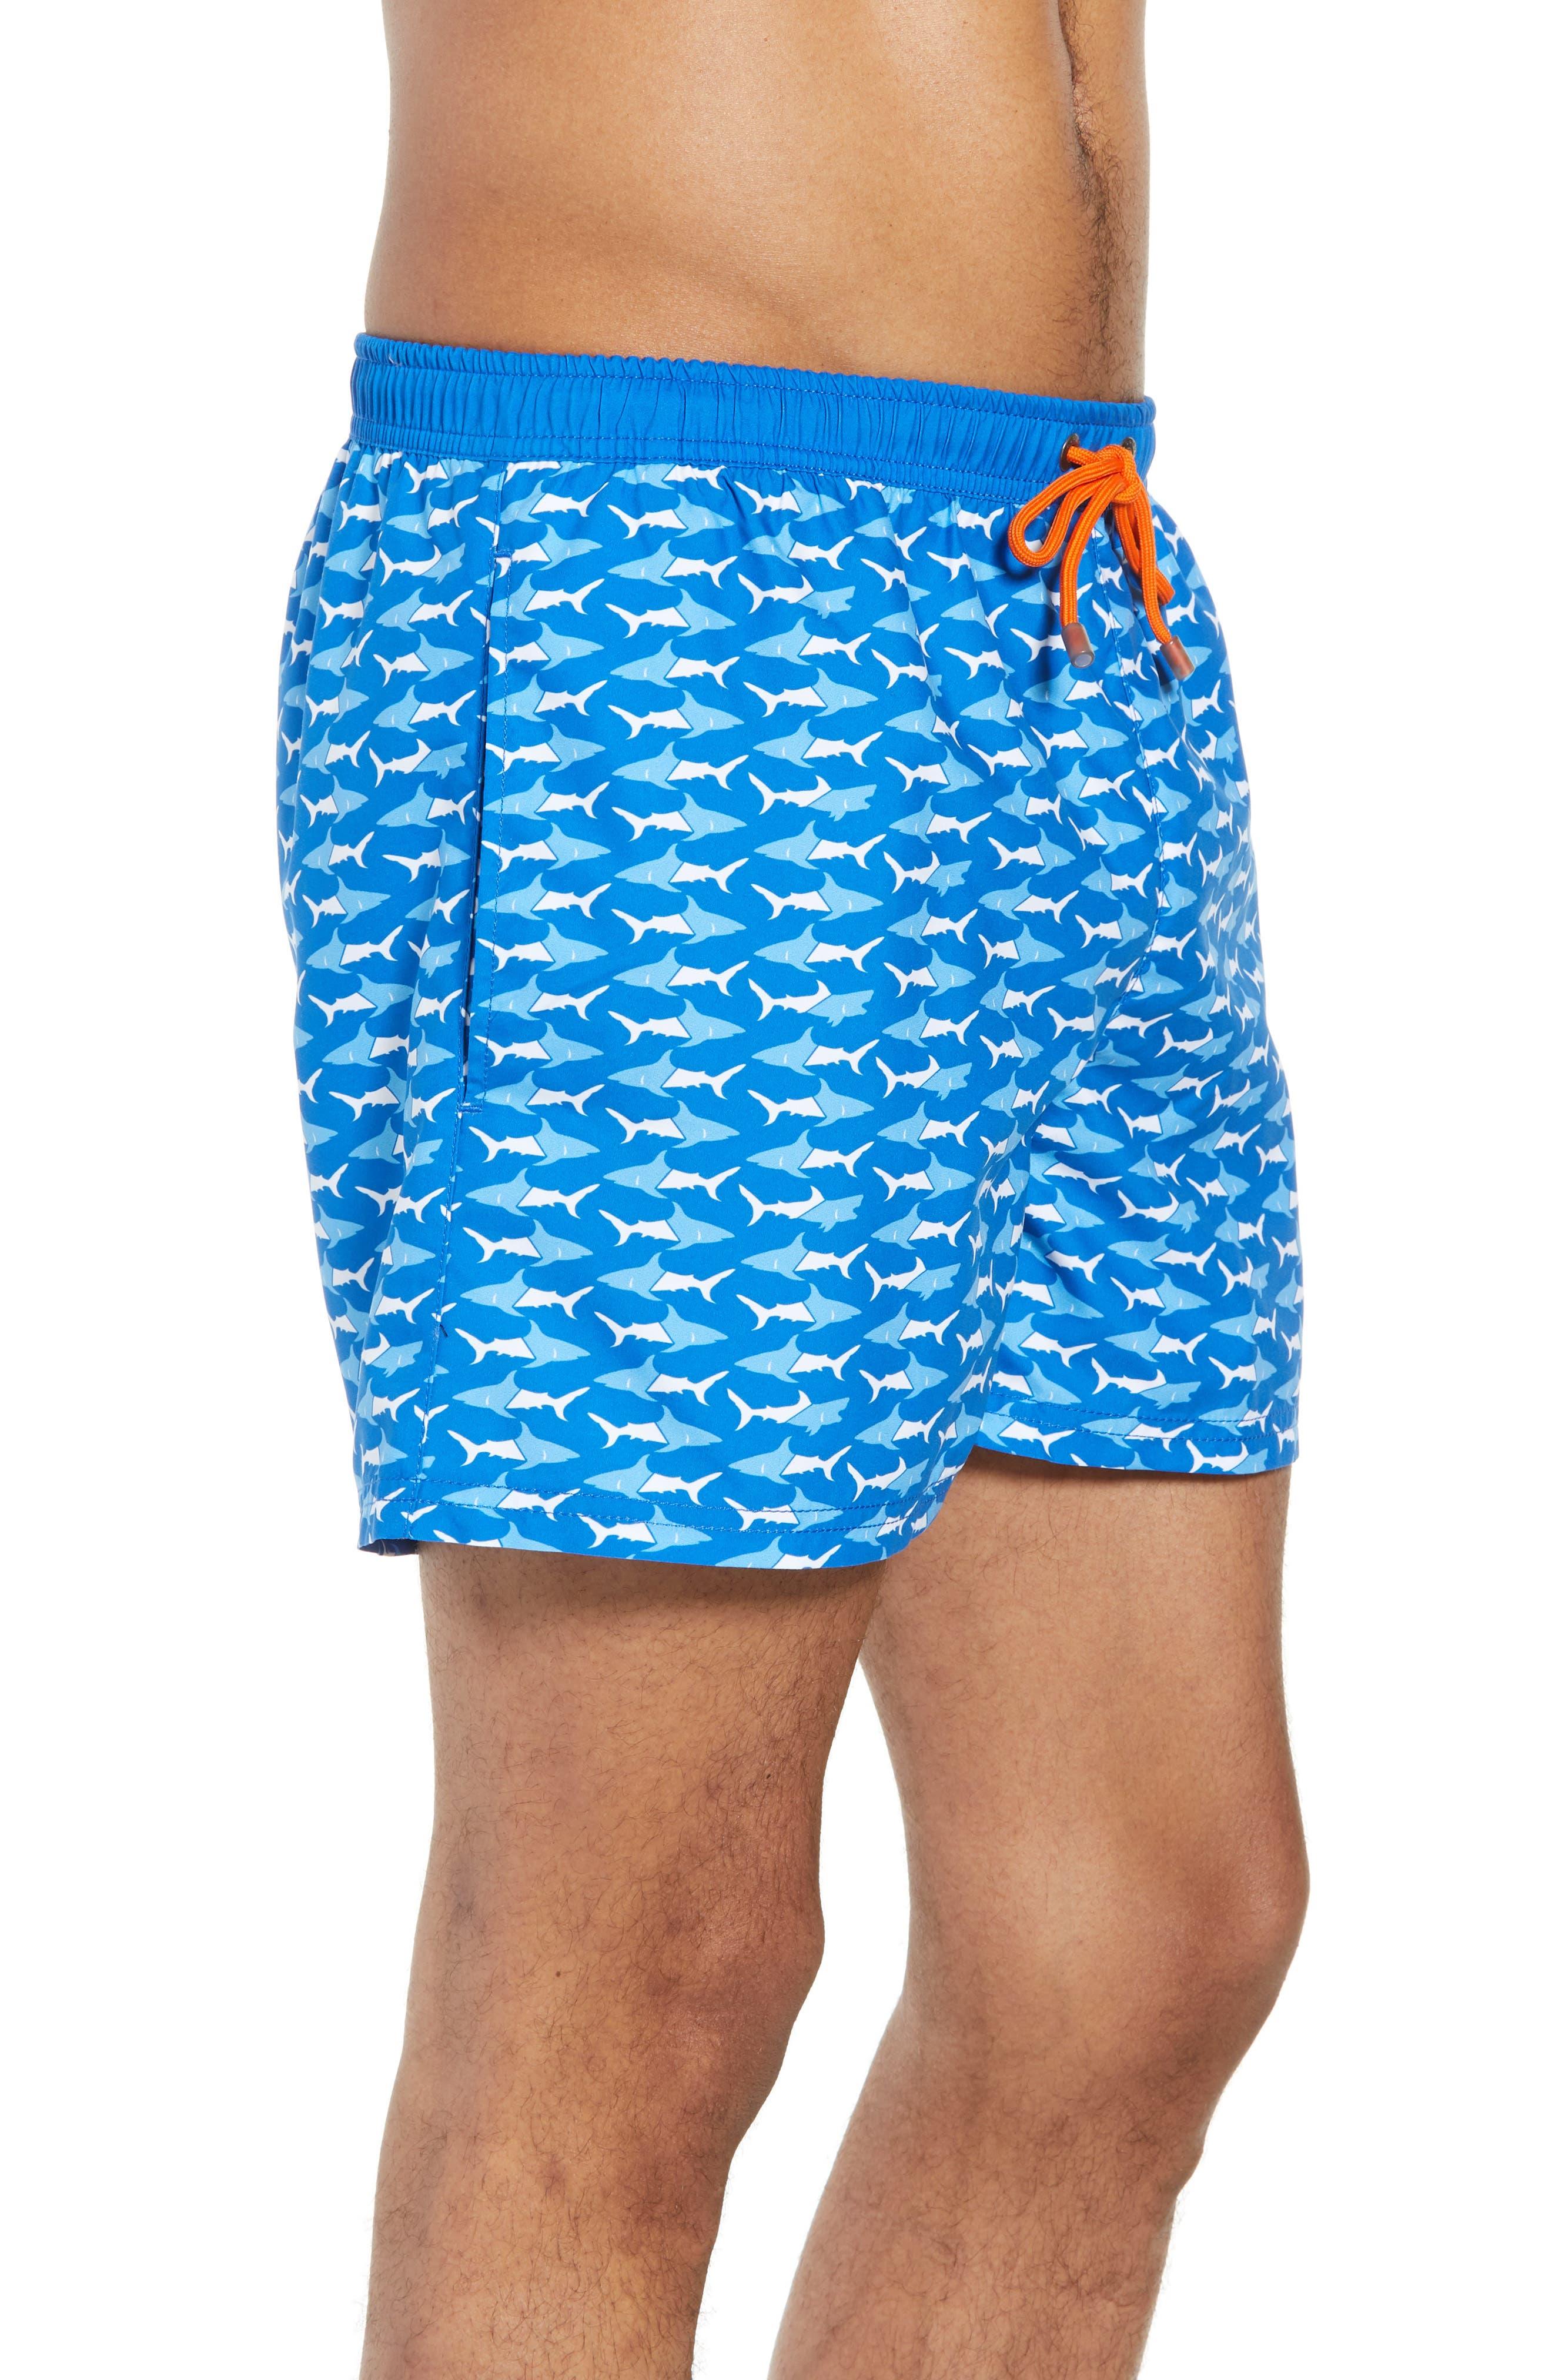 Piranha Shark Swim Trunks,                             Alternate thumbnail 3, color,                             Blue